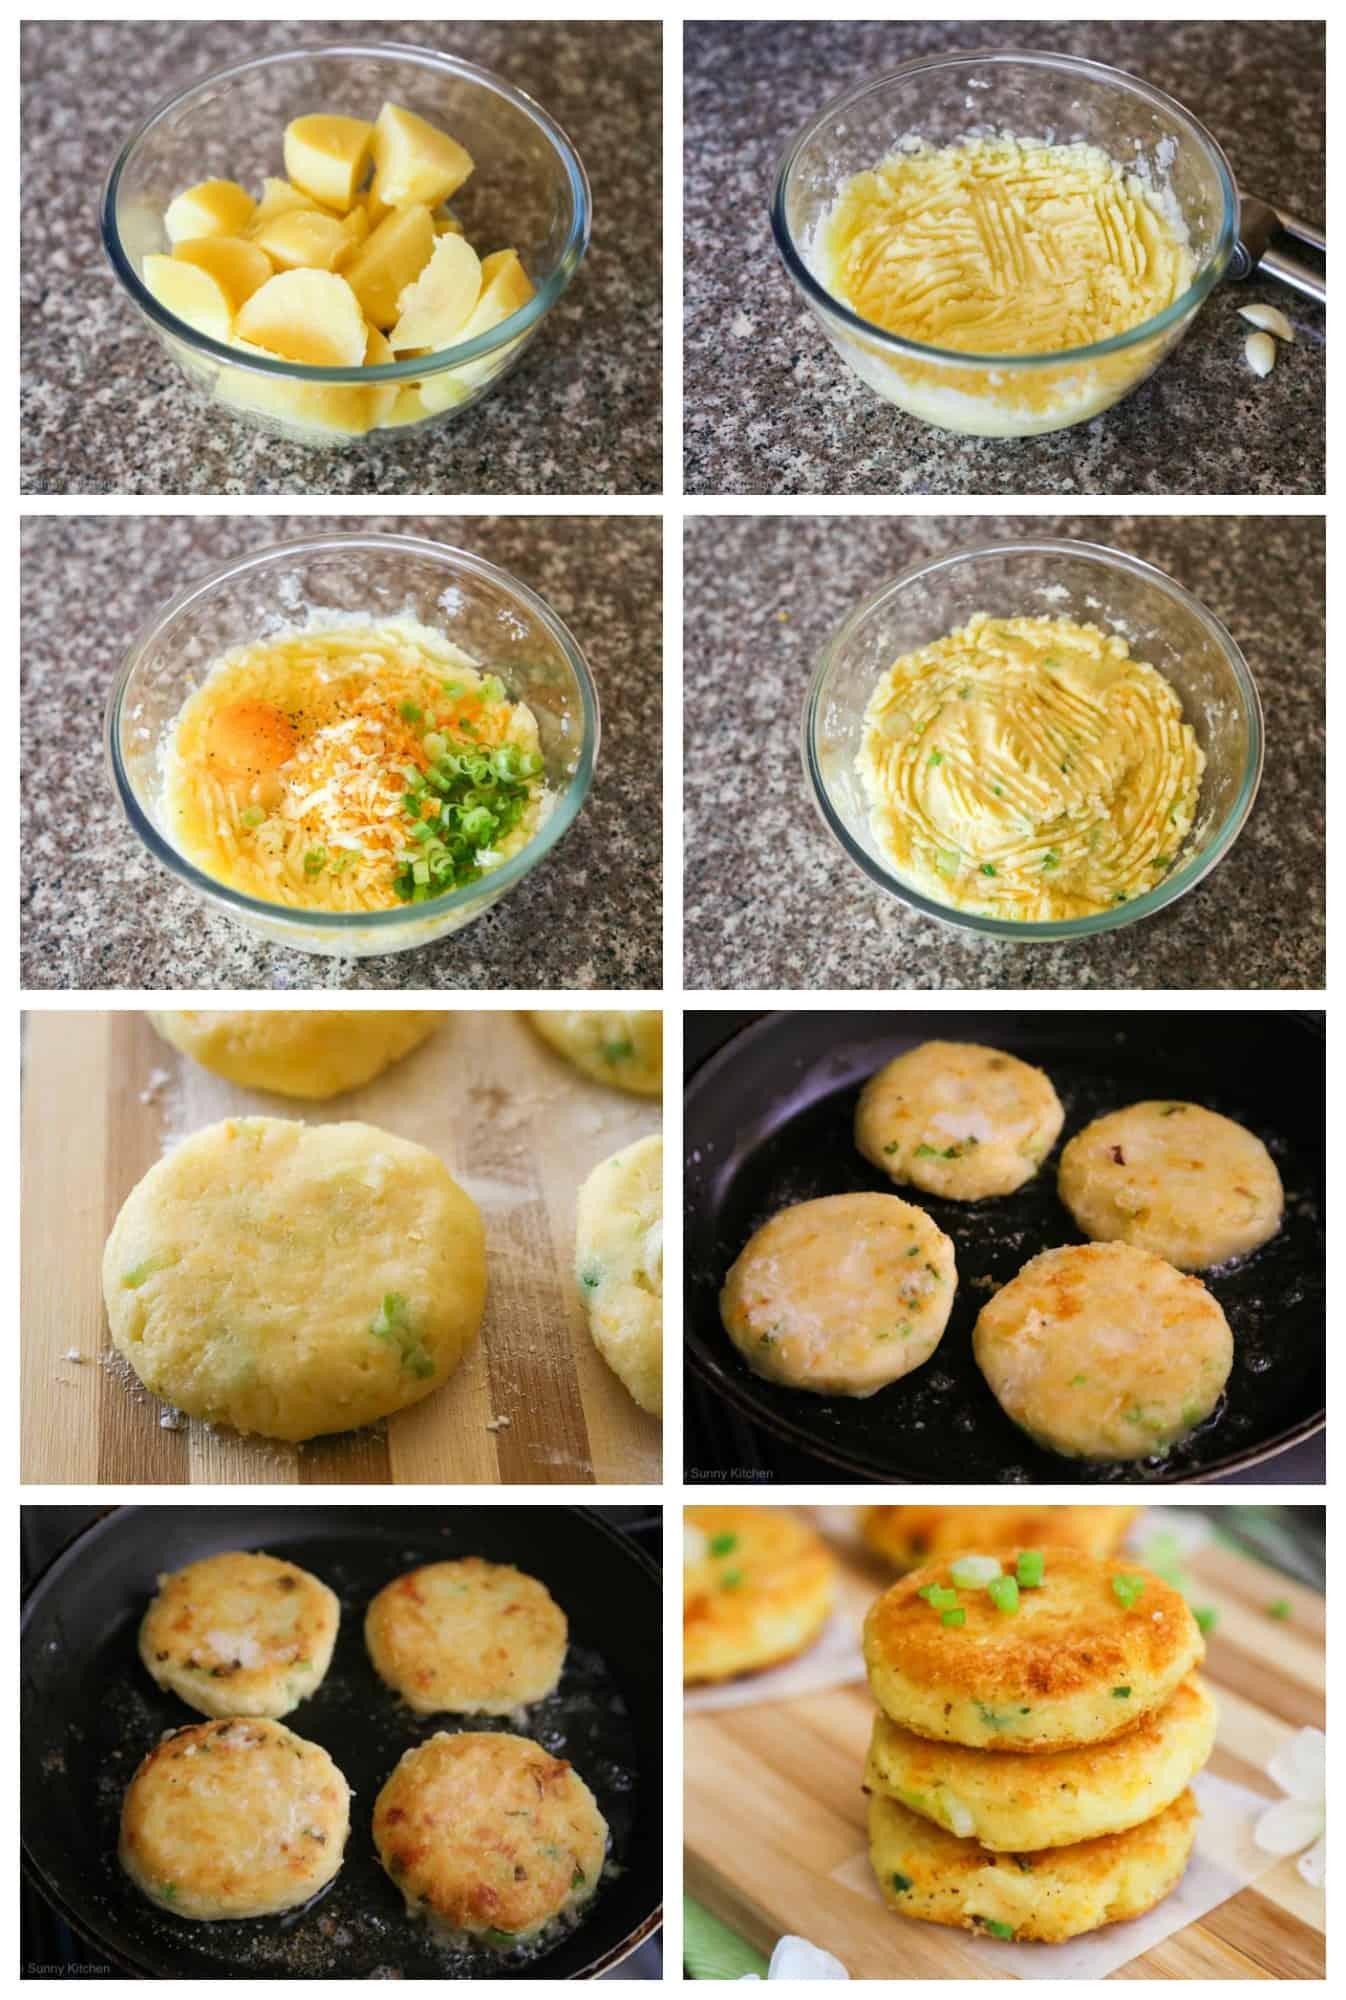 potato cakes recipe steps